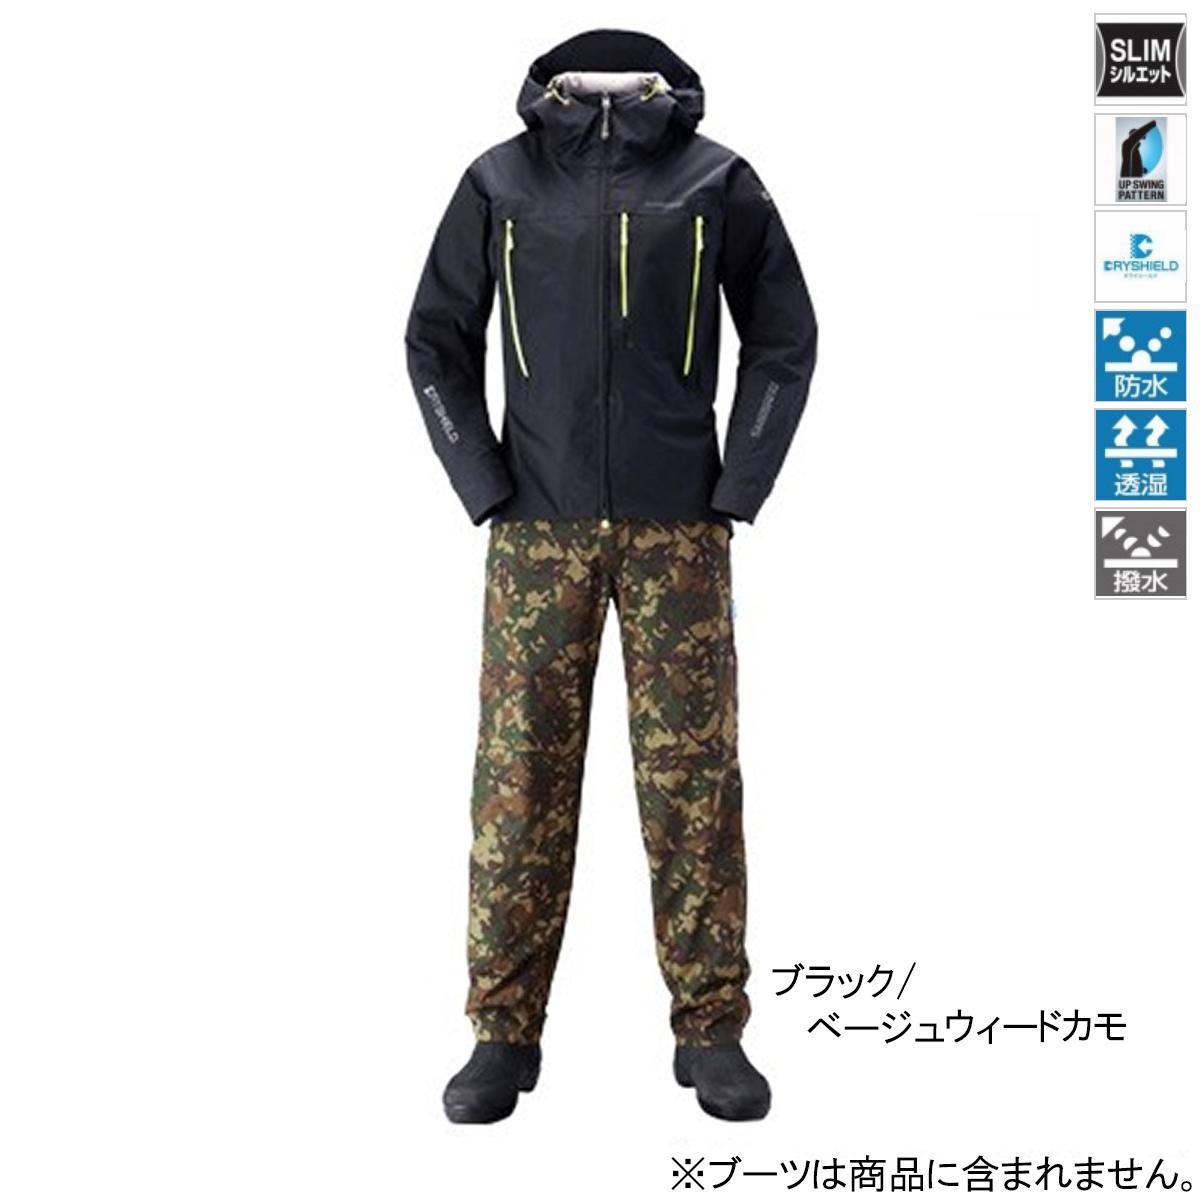 シマノ DSエクスプローラースーツ RA-024S M ブラック/ベージュウィードカモ(東日本店)